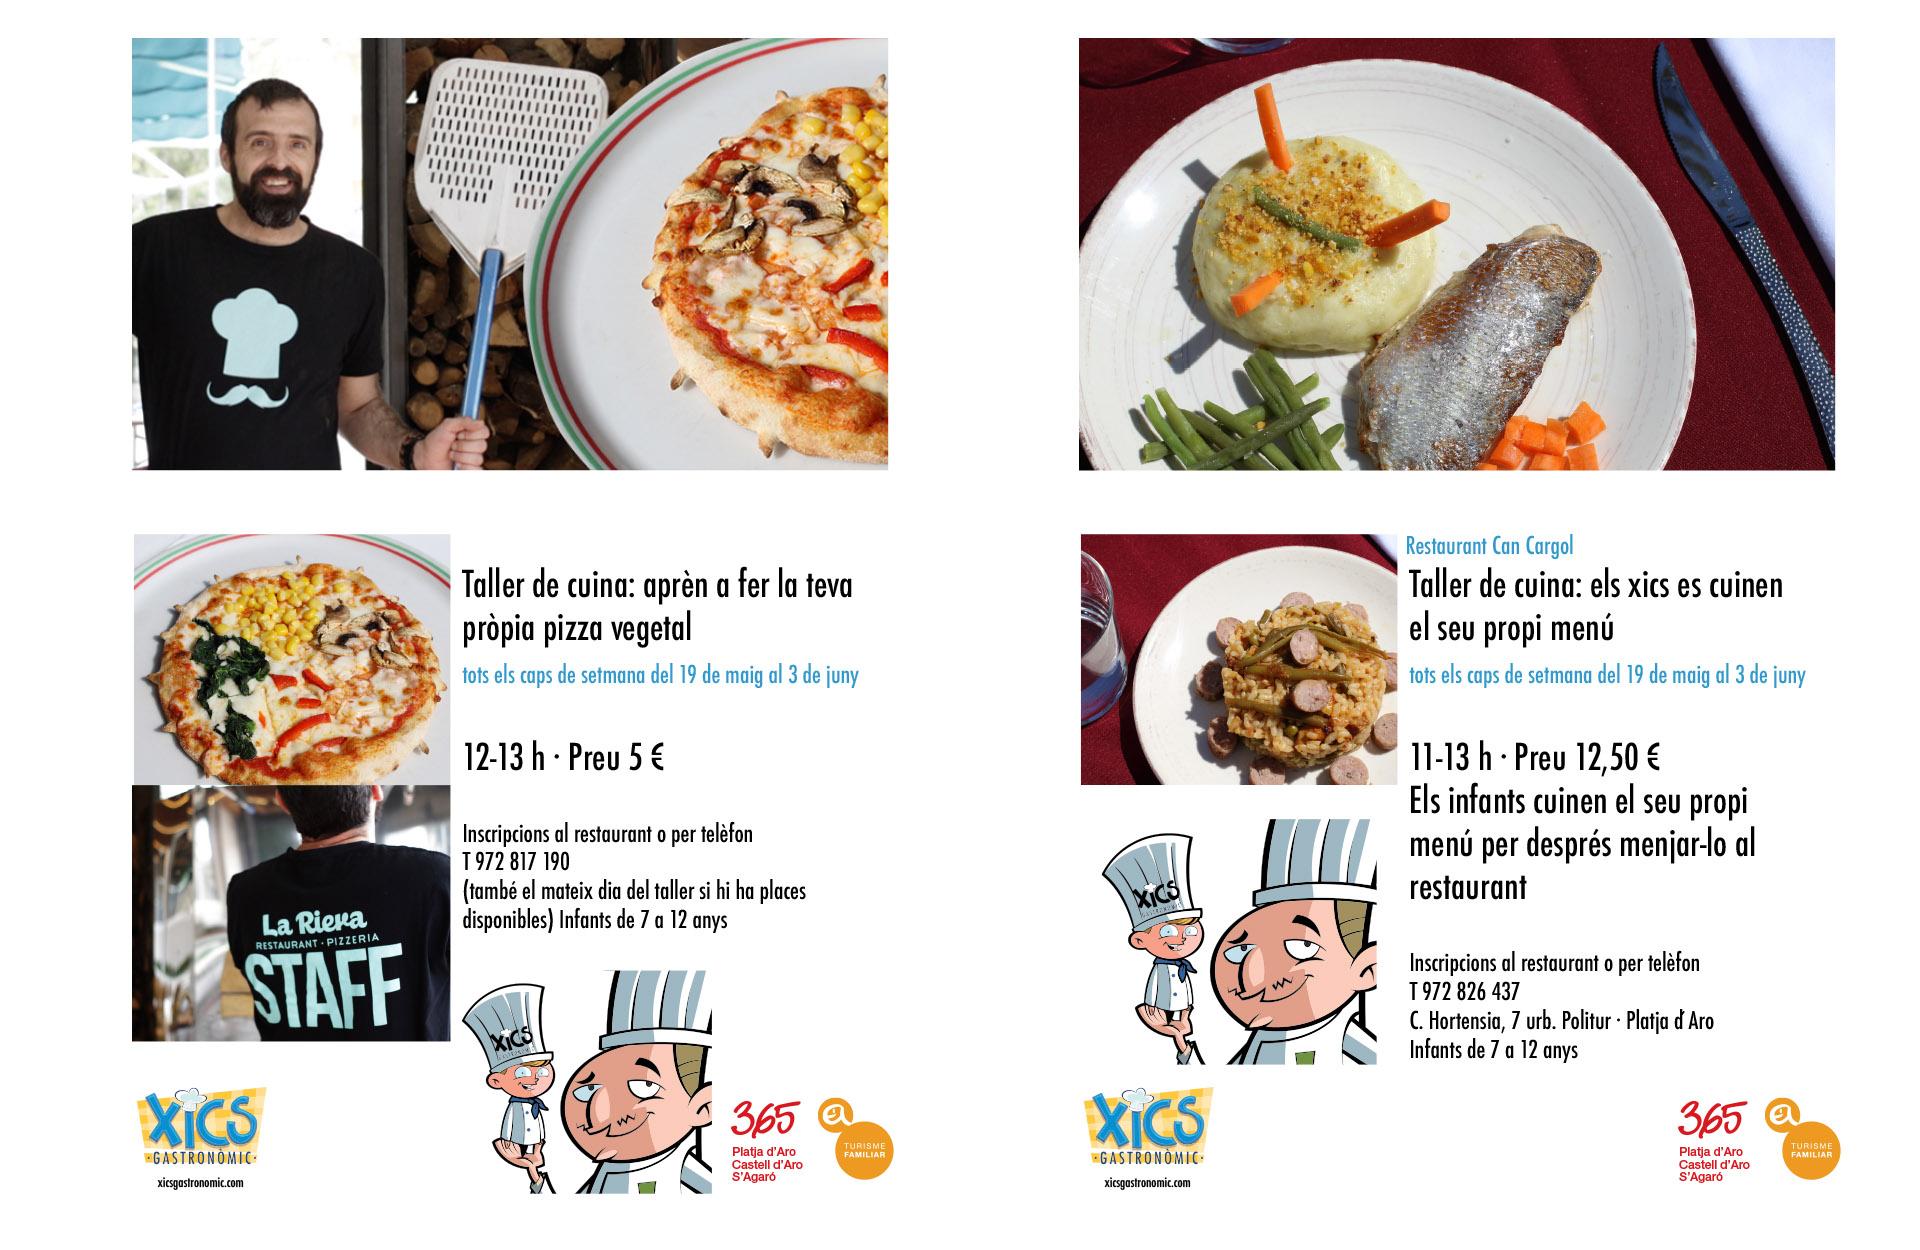 Tallers de cuina organitzats pels restaurants